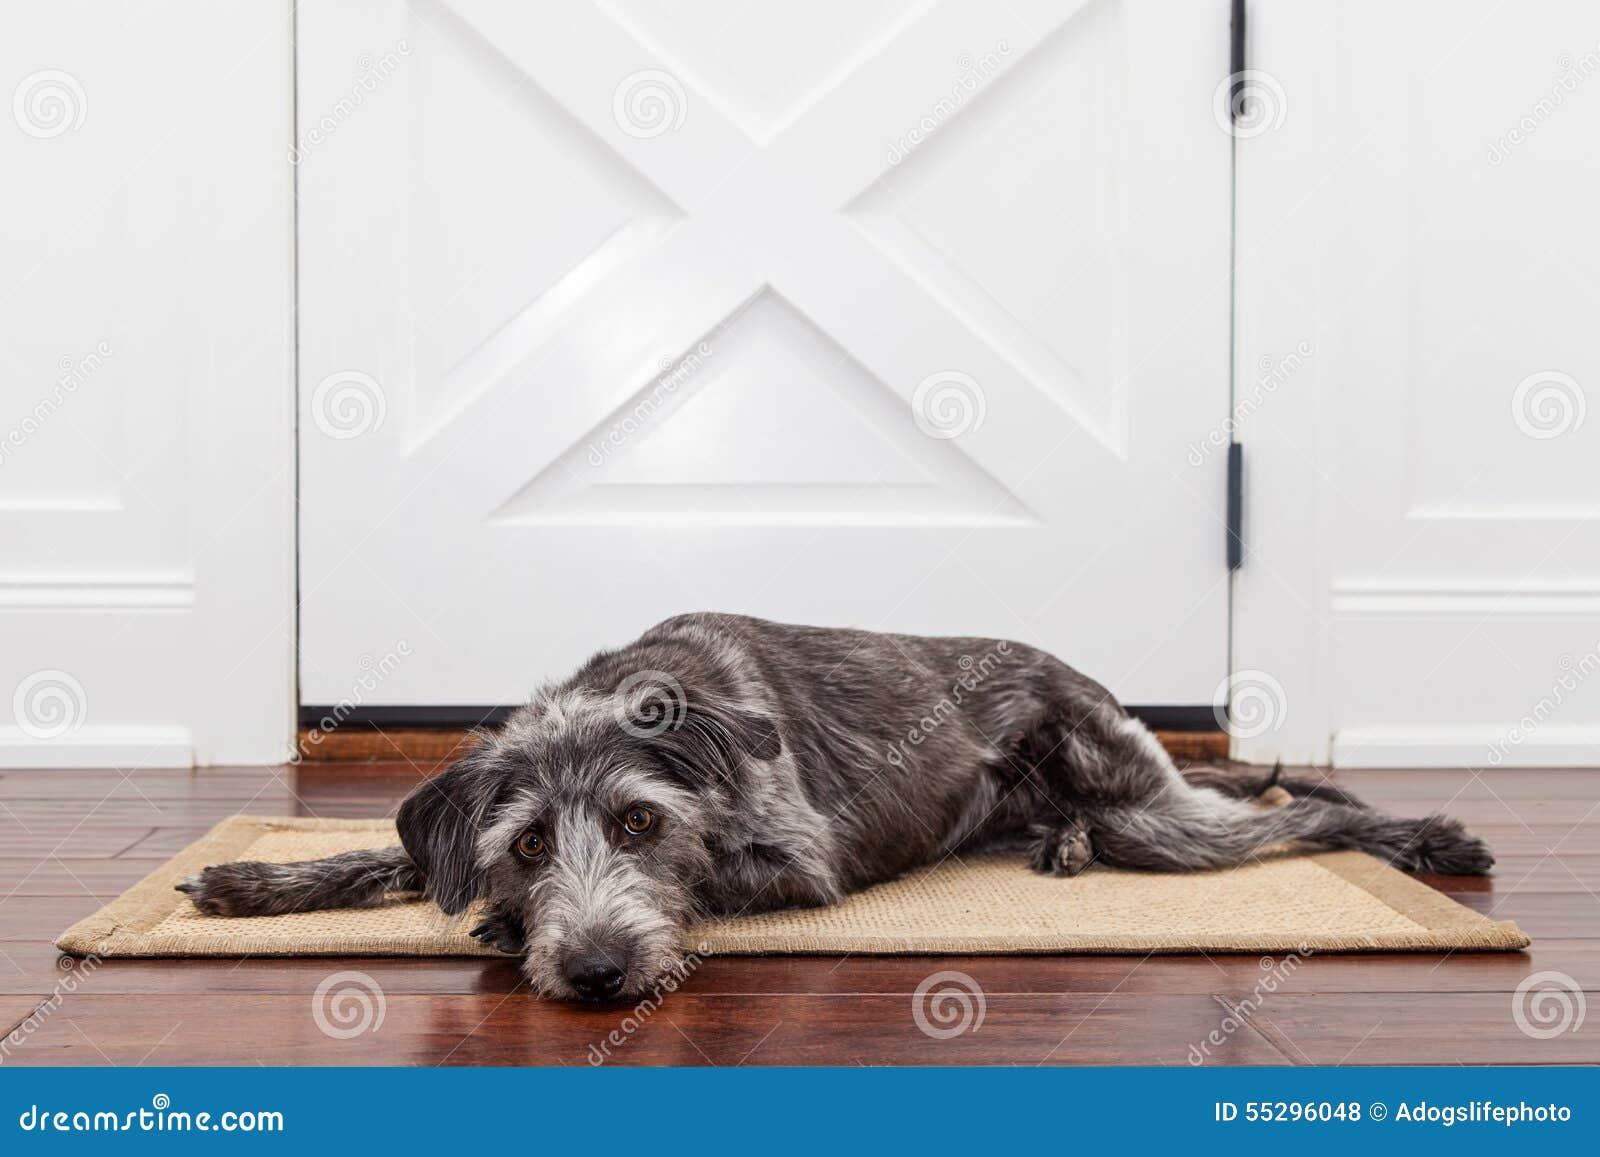 Dog Sad About Owner Eating Food